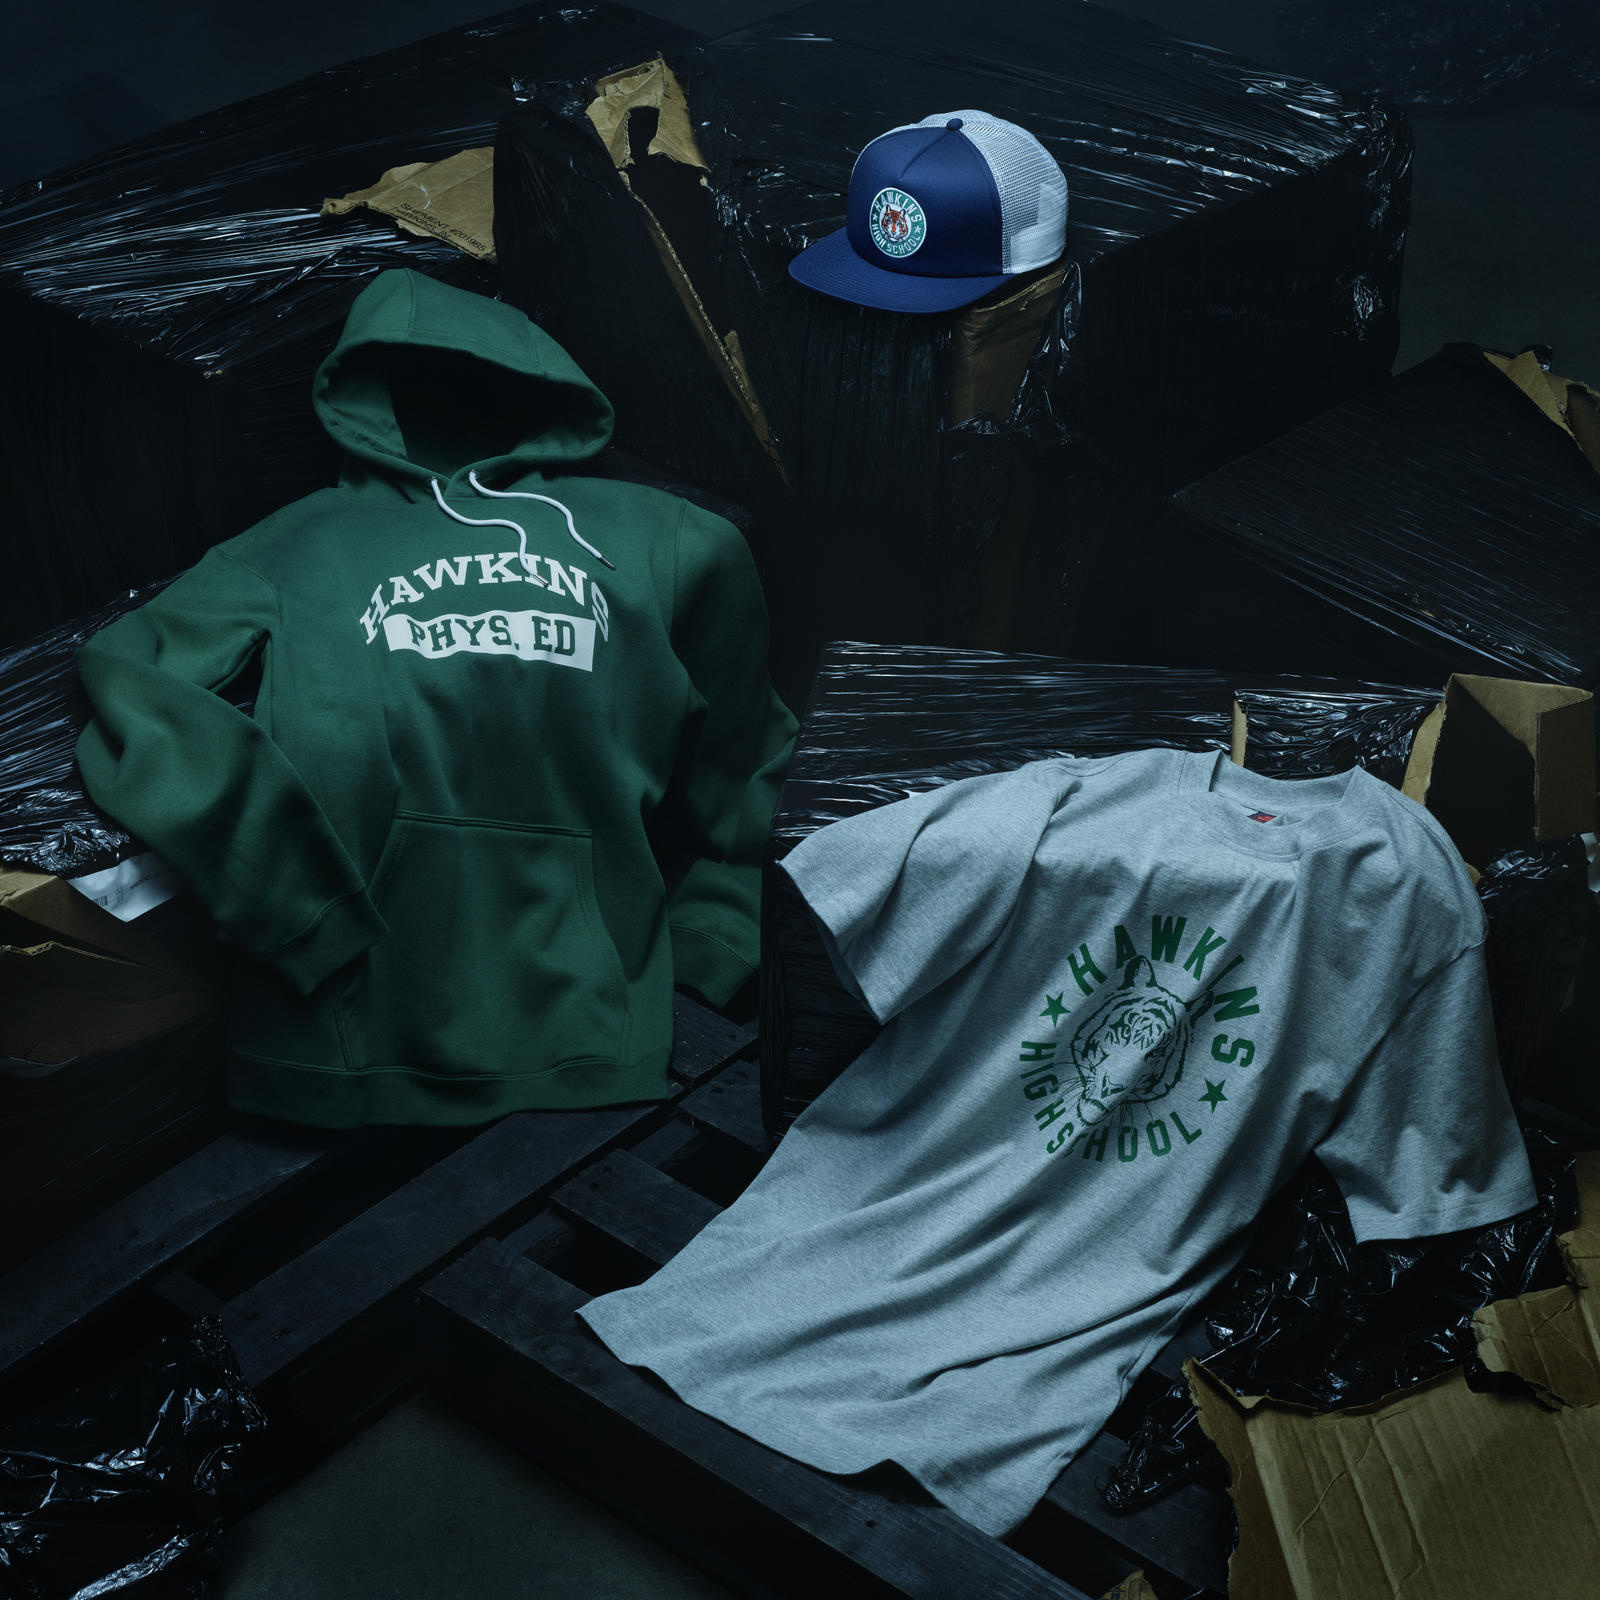 Hawkins High kleding, Nike